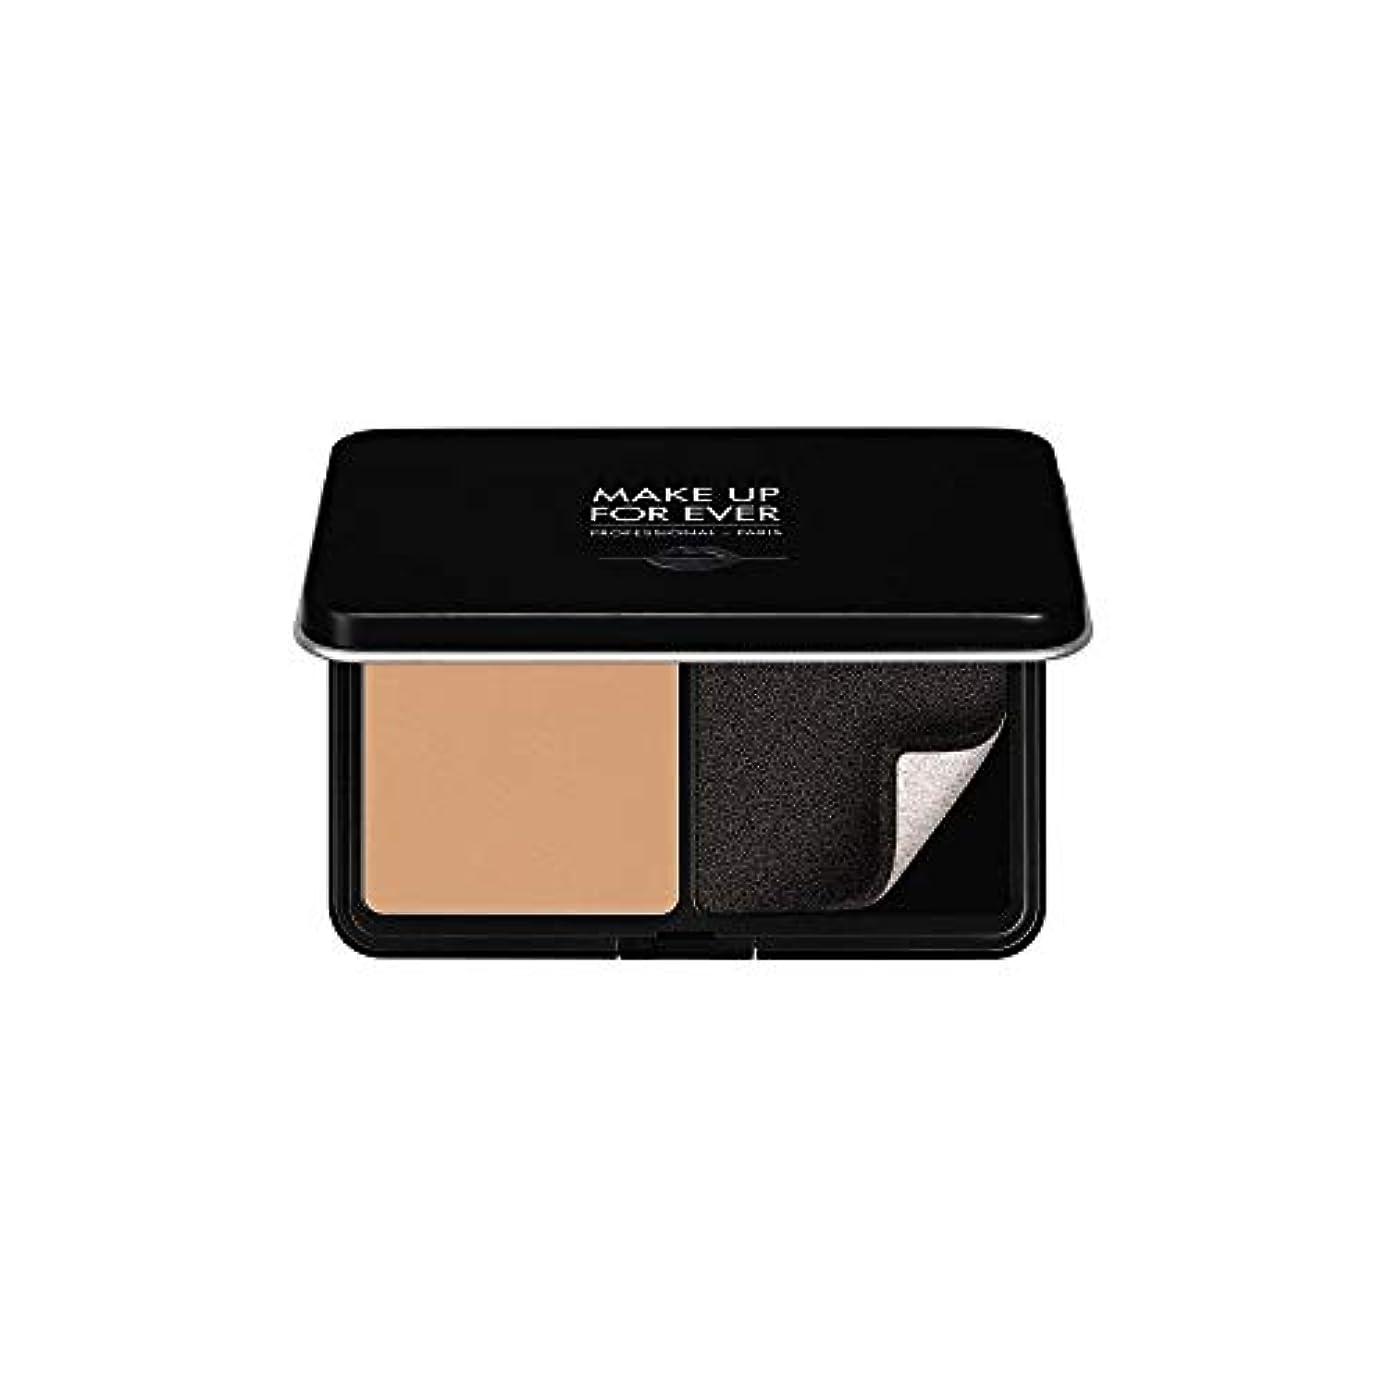 訪問相続人メロンメイクアップフォーエバー Matte Velvet Skin Blurring Powder Foundation - # Y345 (Natural Beige) 11g/0.38oz並行輸入品